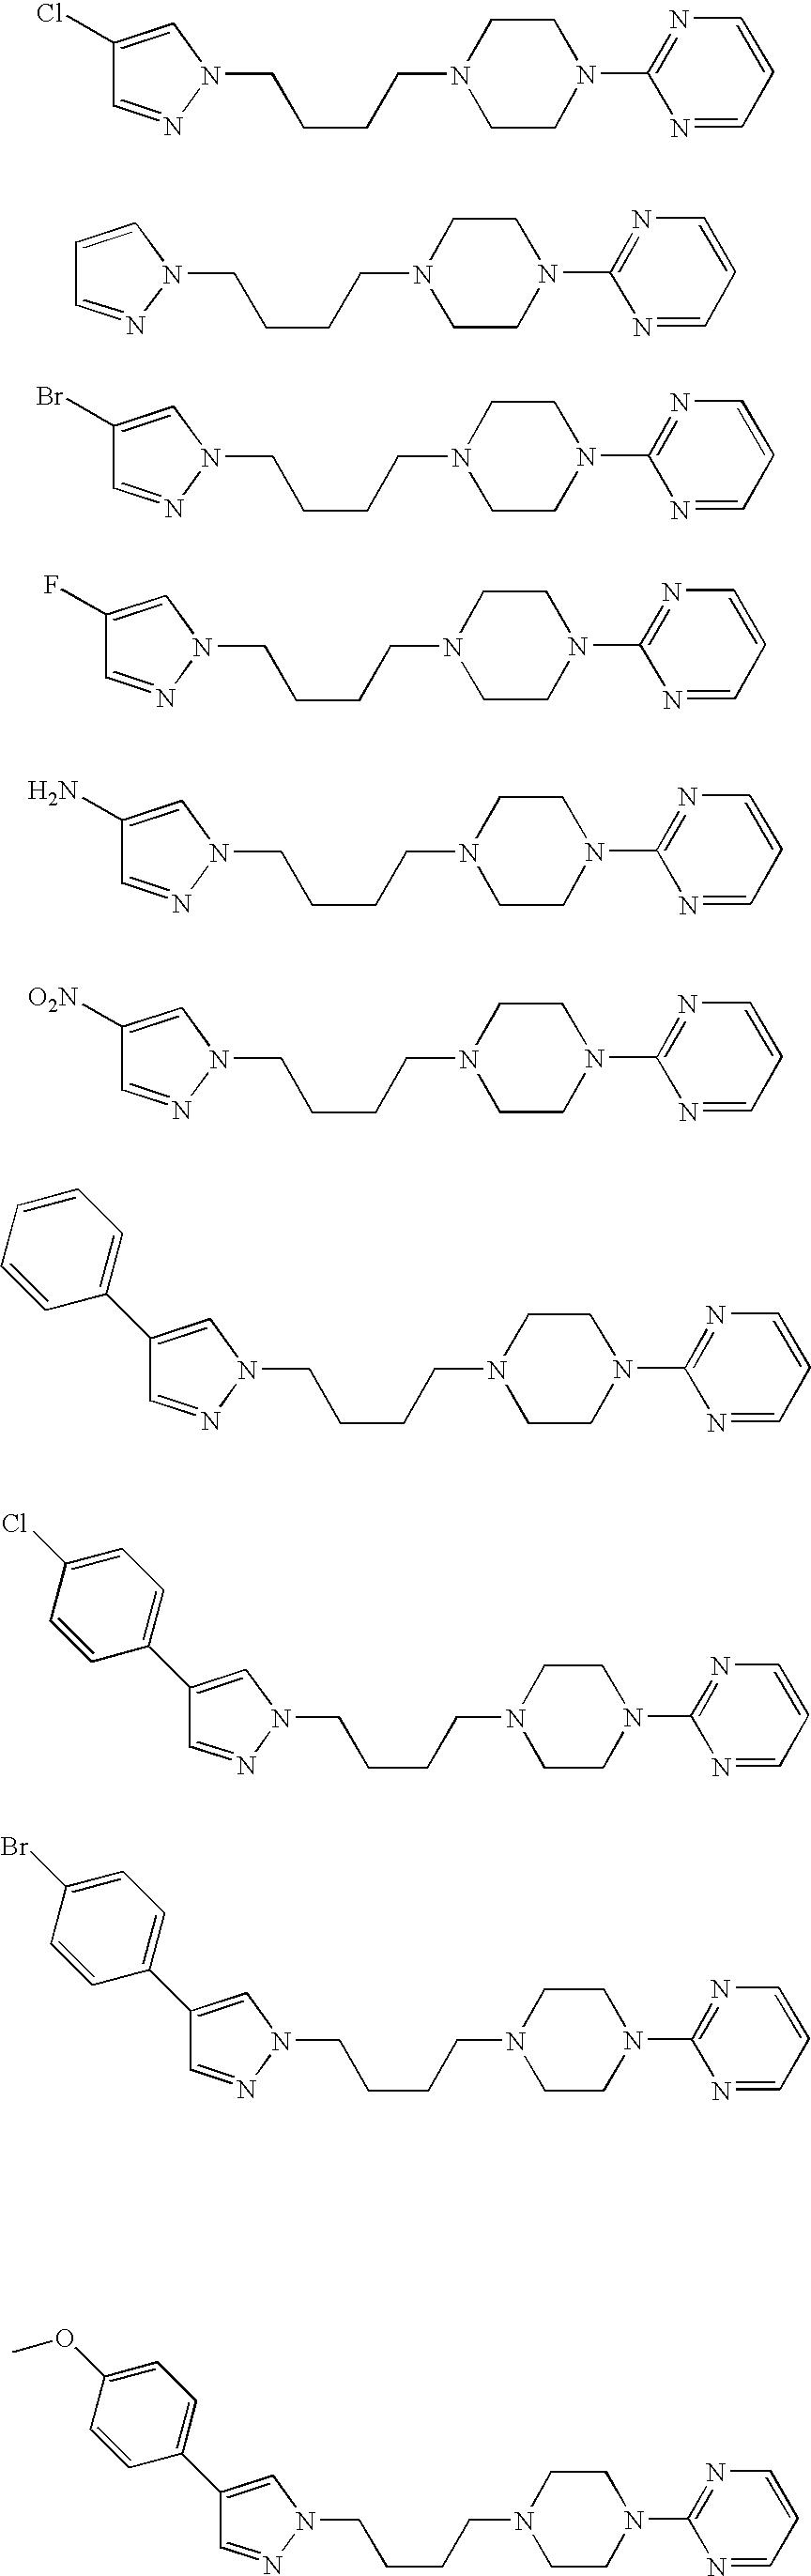 Figure US20100009983A1-20100114-C00049